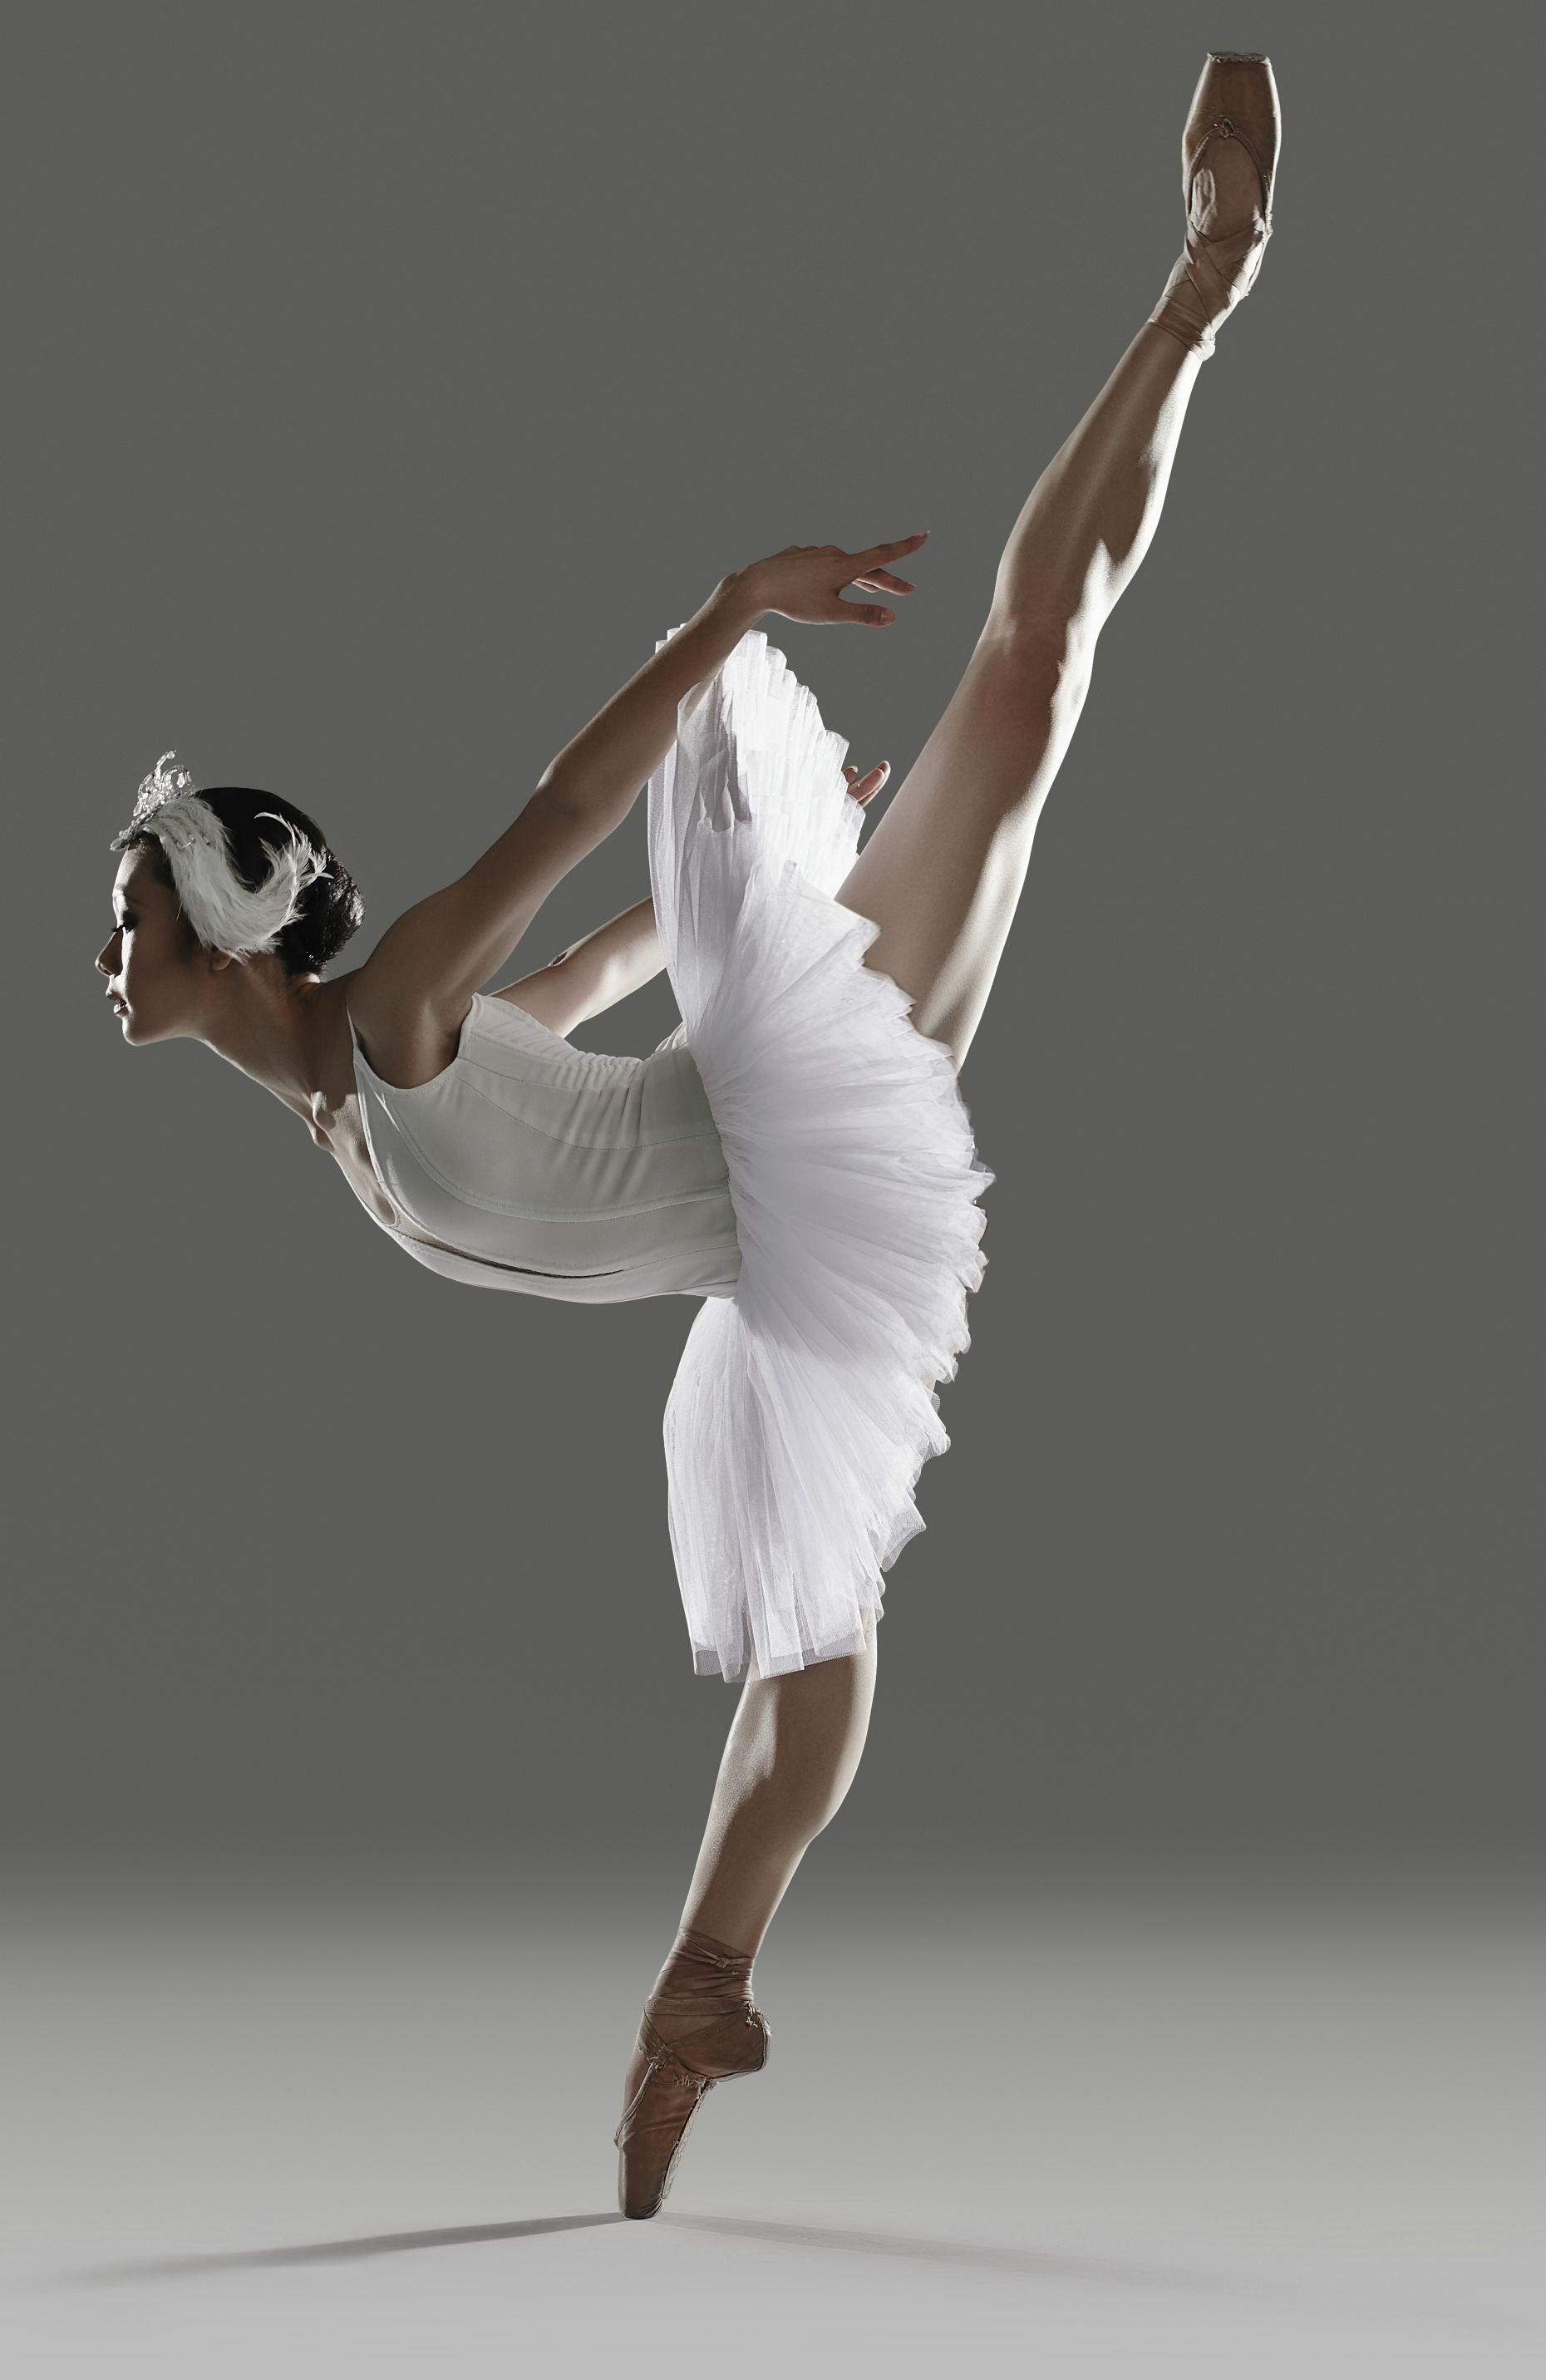 Ballet gallery photos 45